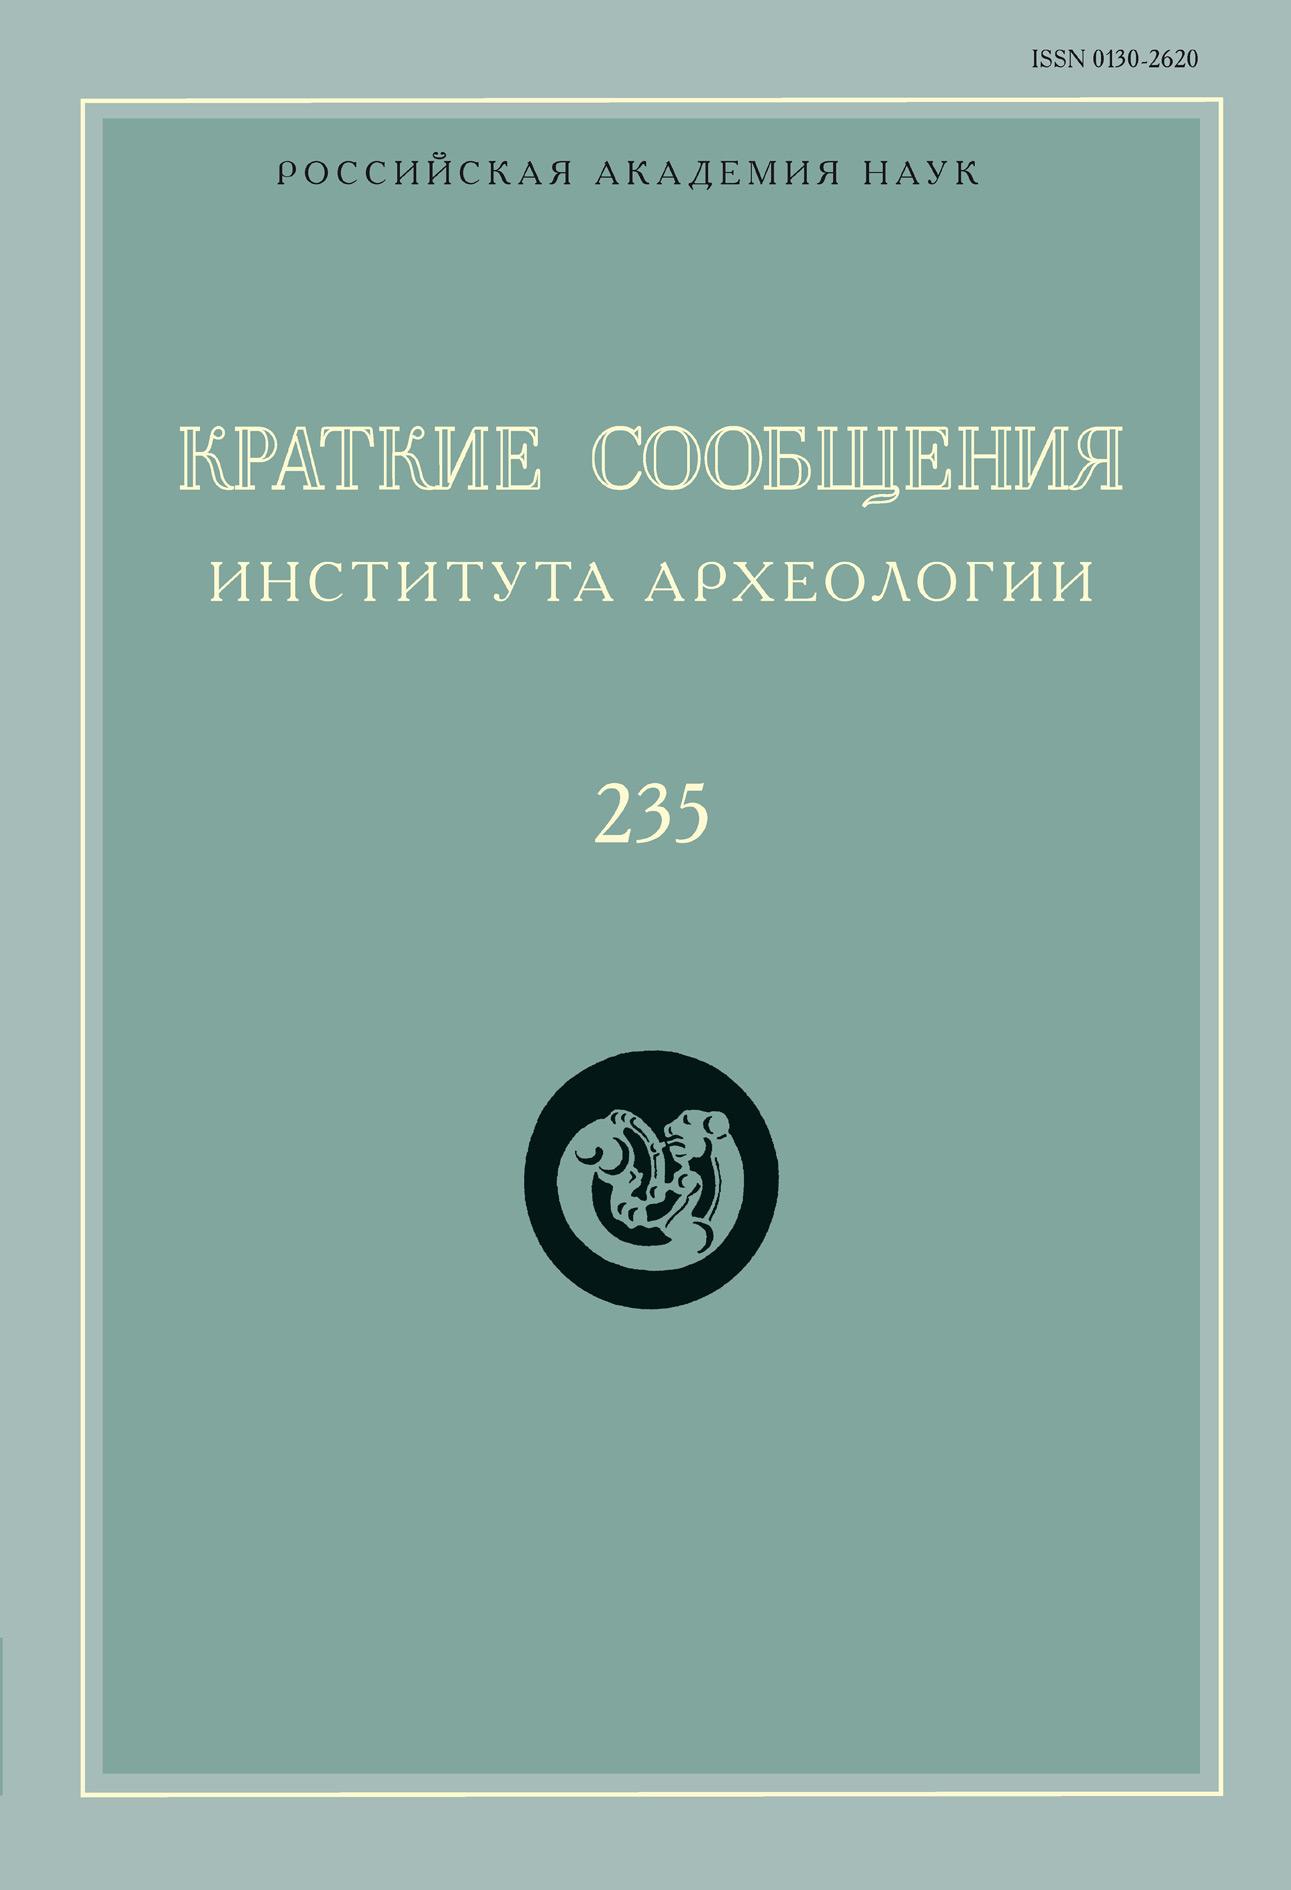 Сборник статей Краткие сообщения Института археологии. Выпуск 235